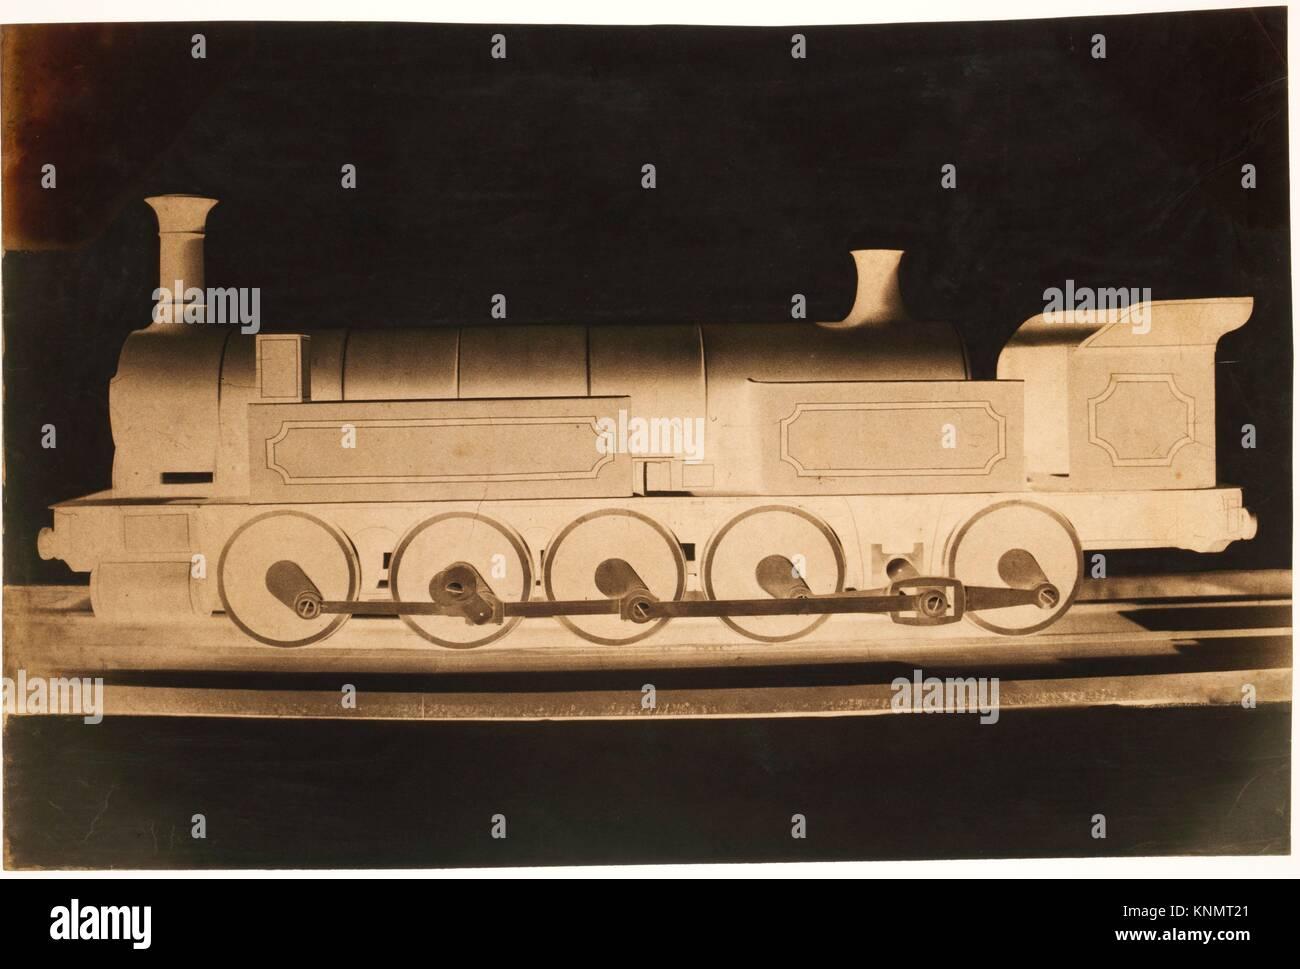 [Modell eines P.L.M. Lokomotive]. Artist: Dominique Roman (Französisch, 1824-1911); Datum: Ca. 1855; Medium: Stockbild